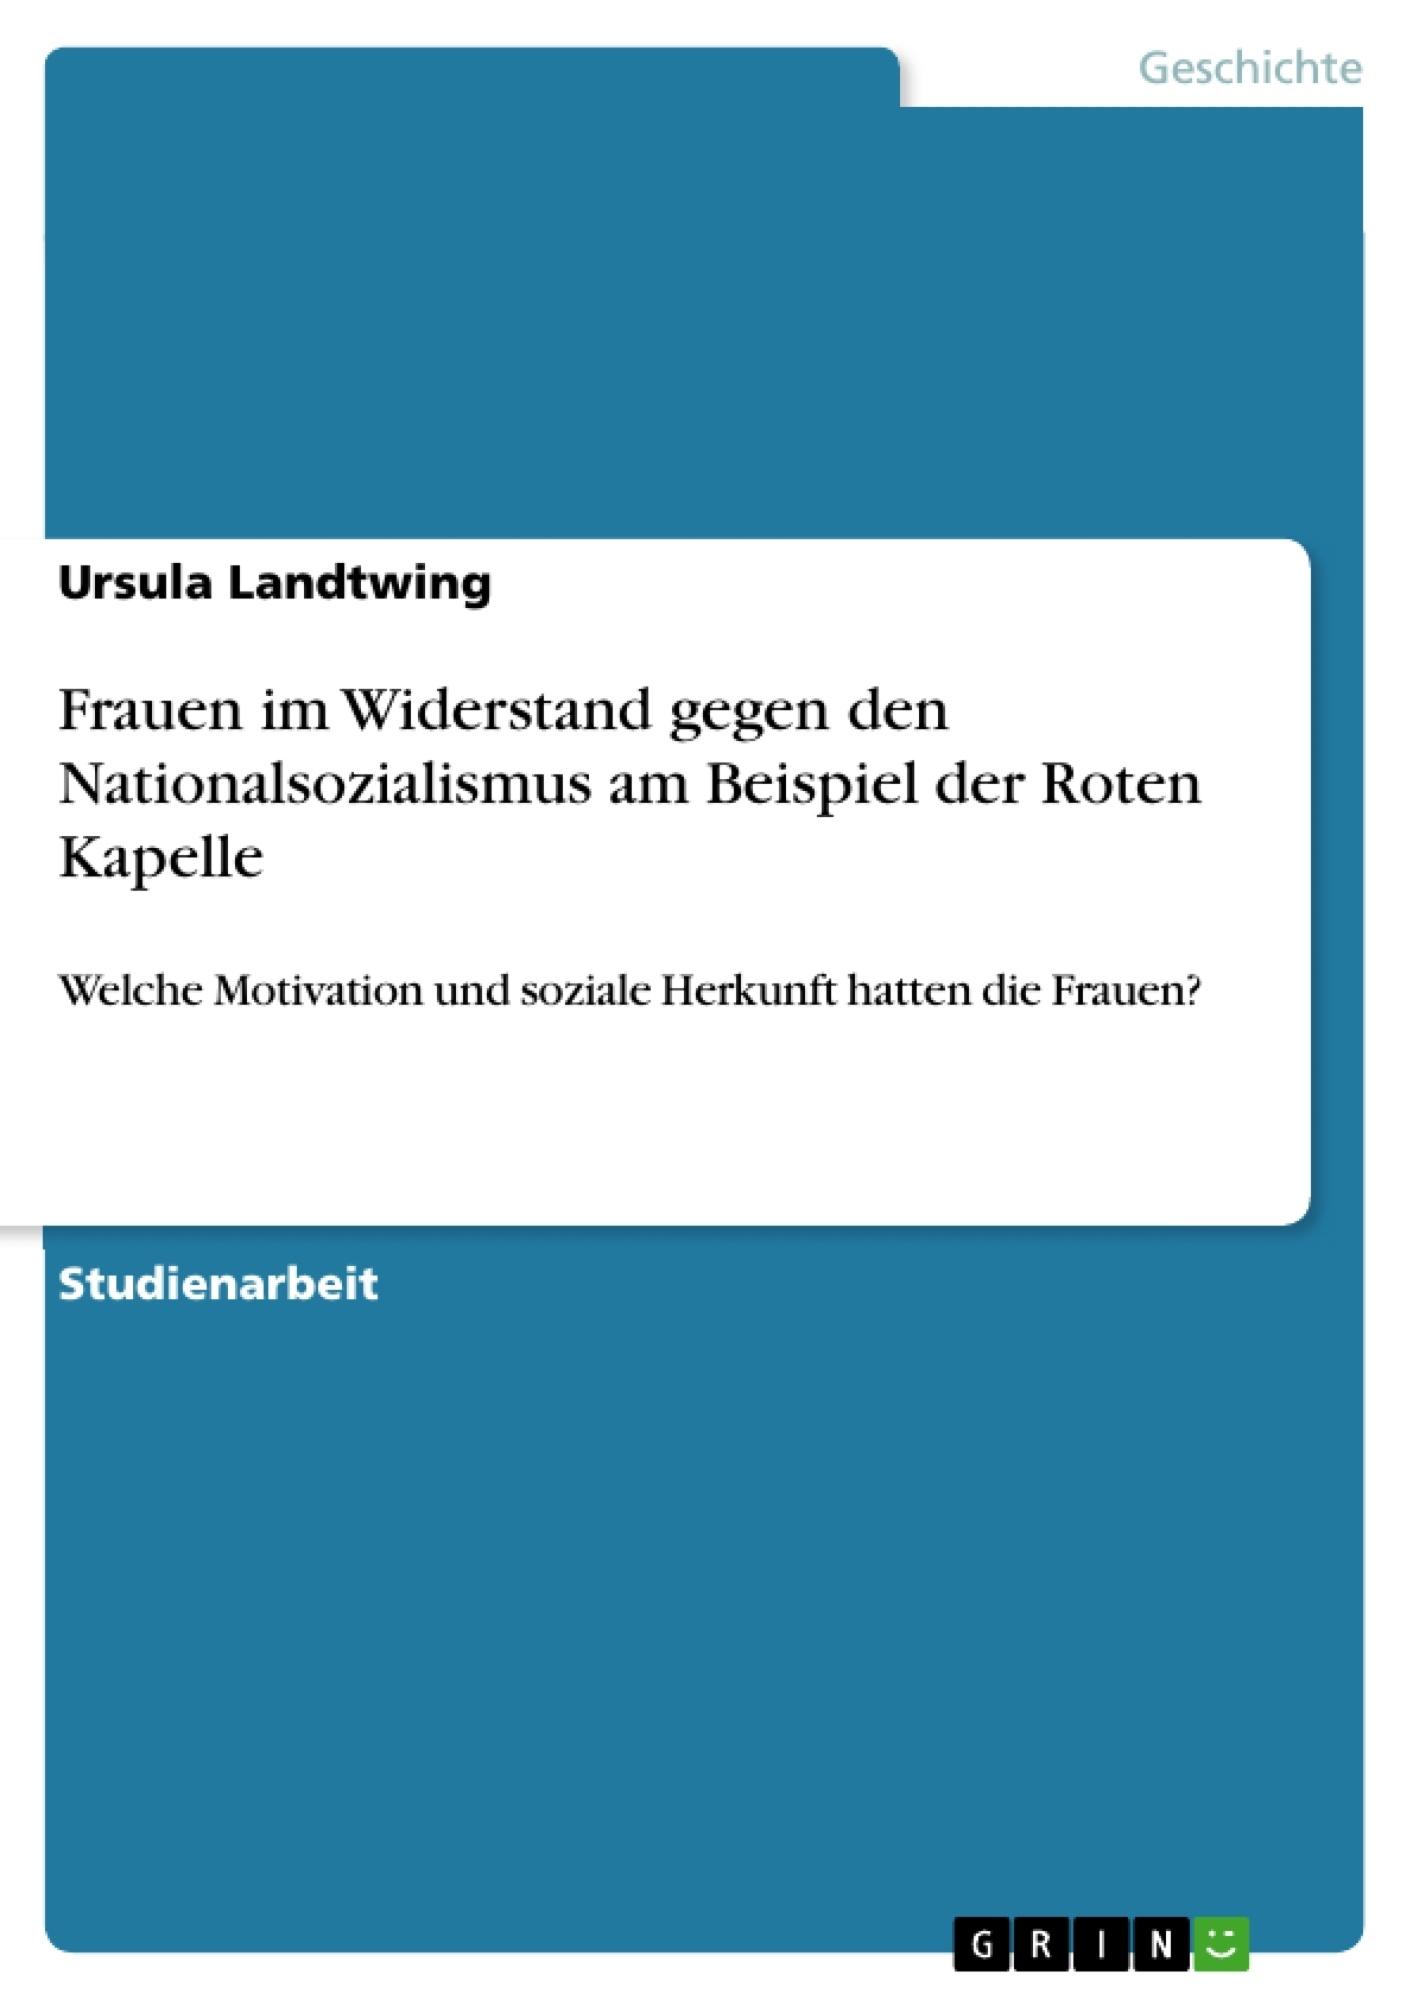 Titel: Frauen im Widerstand gegen den Nationalsozialismus am Beispiel der Roten Kapelle